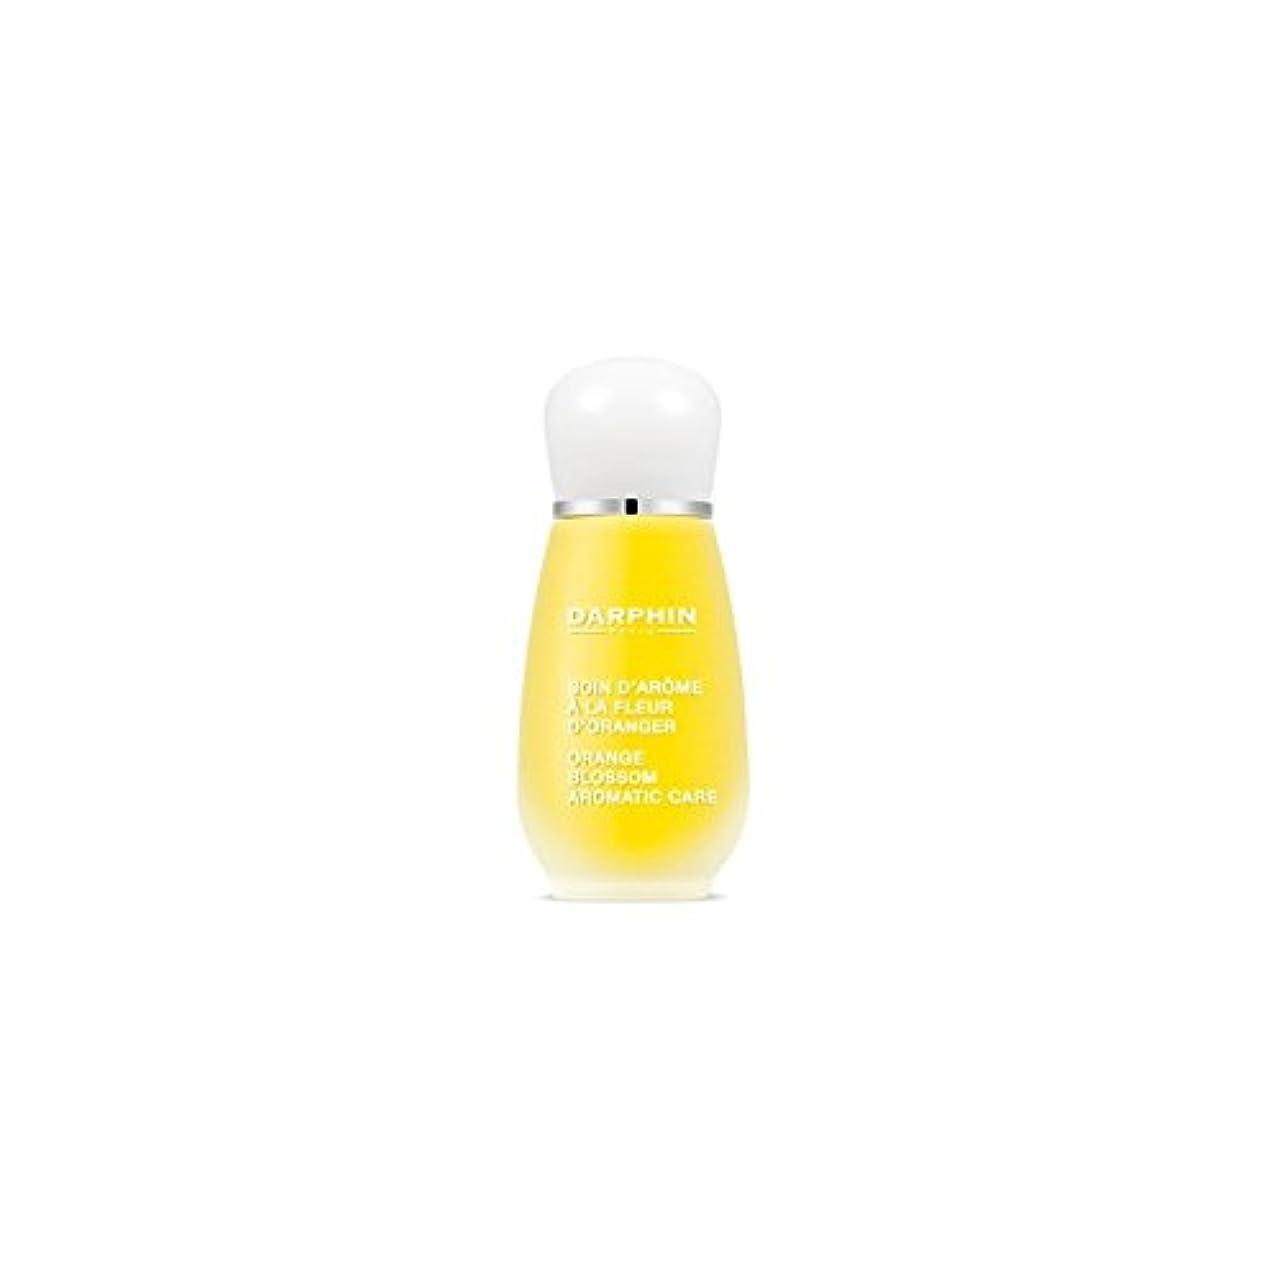 靄クレデンシャル好戦的なダルファンオレンジの花の芳香ケア(15ミリリットル) x4 - Darphin Orange Blossom Aromatic Care (15ml) (Pack of 4) [並行輸入品]